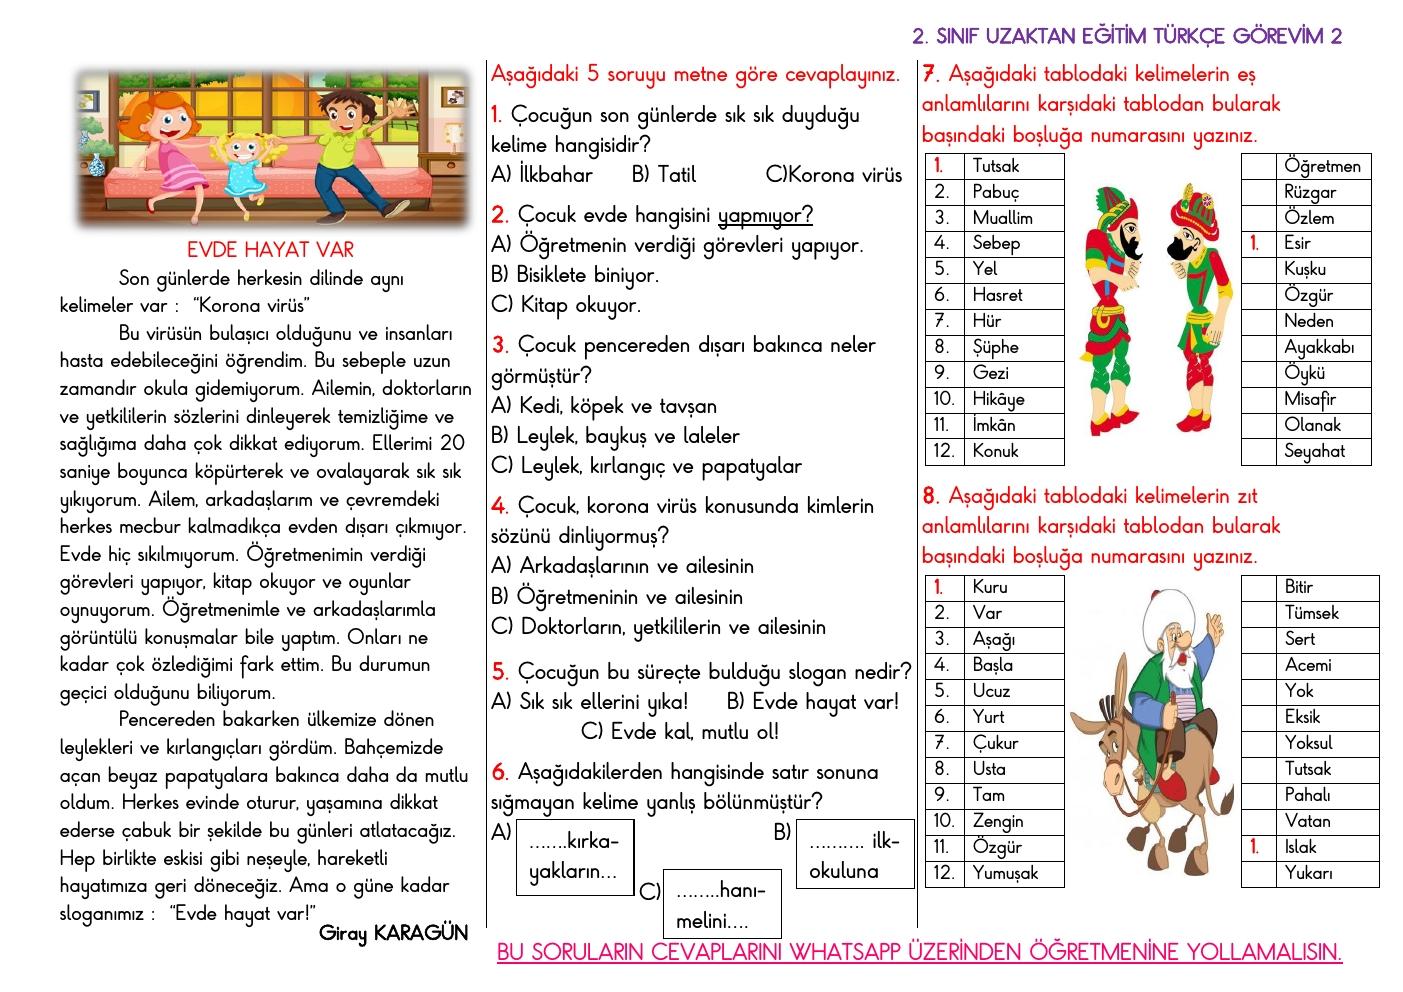 Uzaktan Eğitim Türkçe Görevi 2